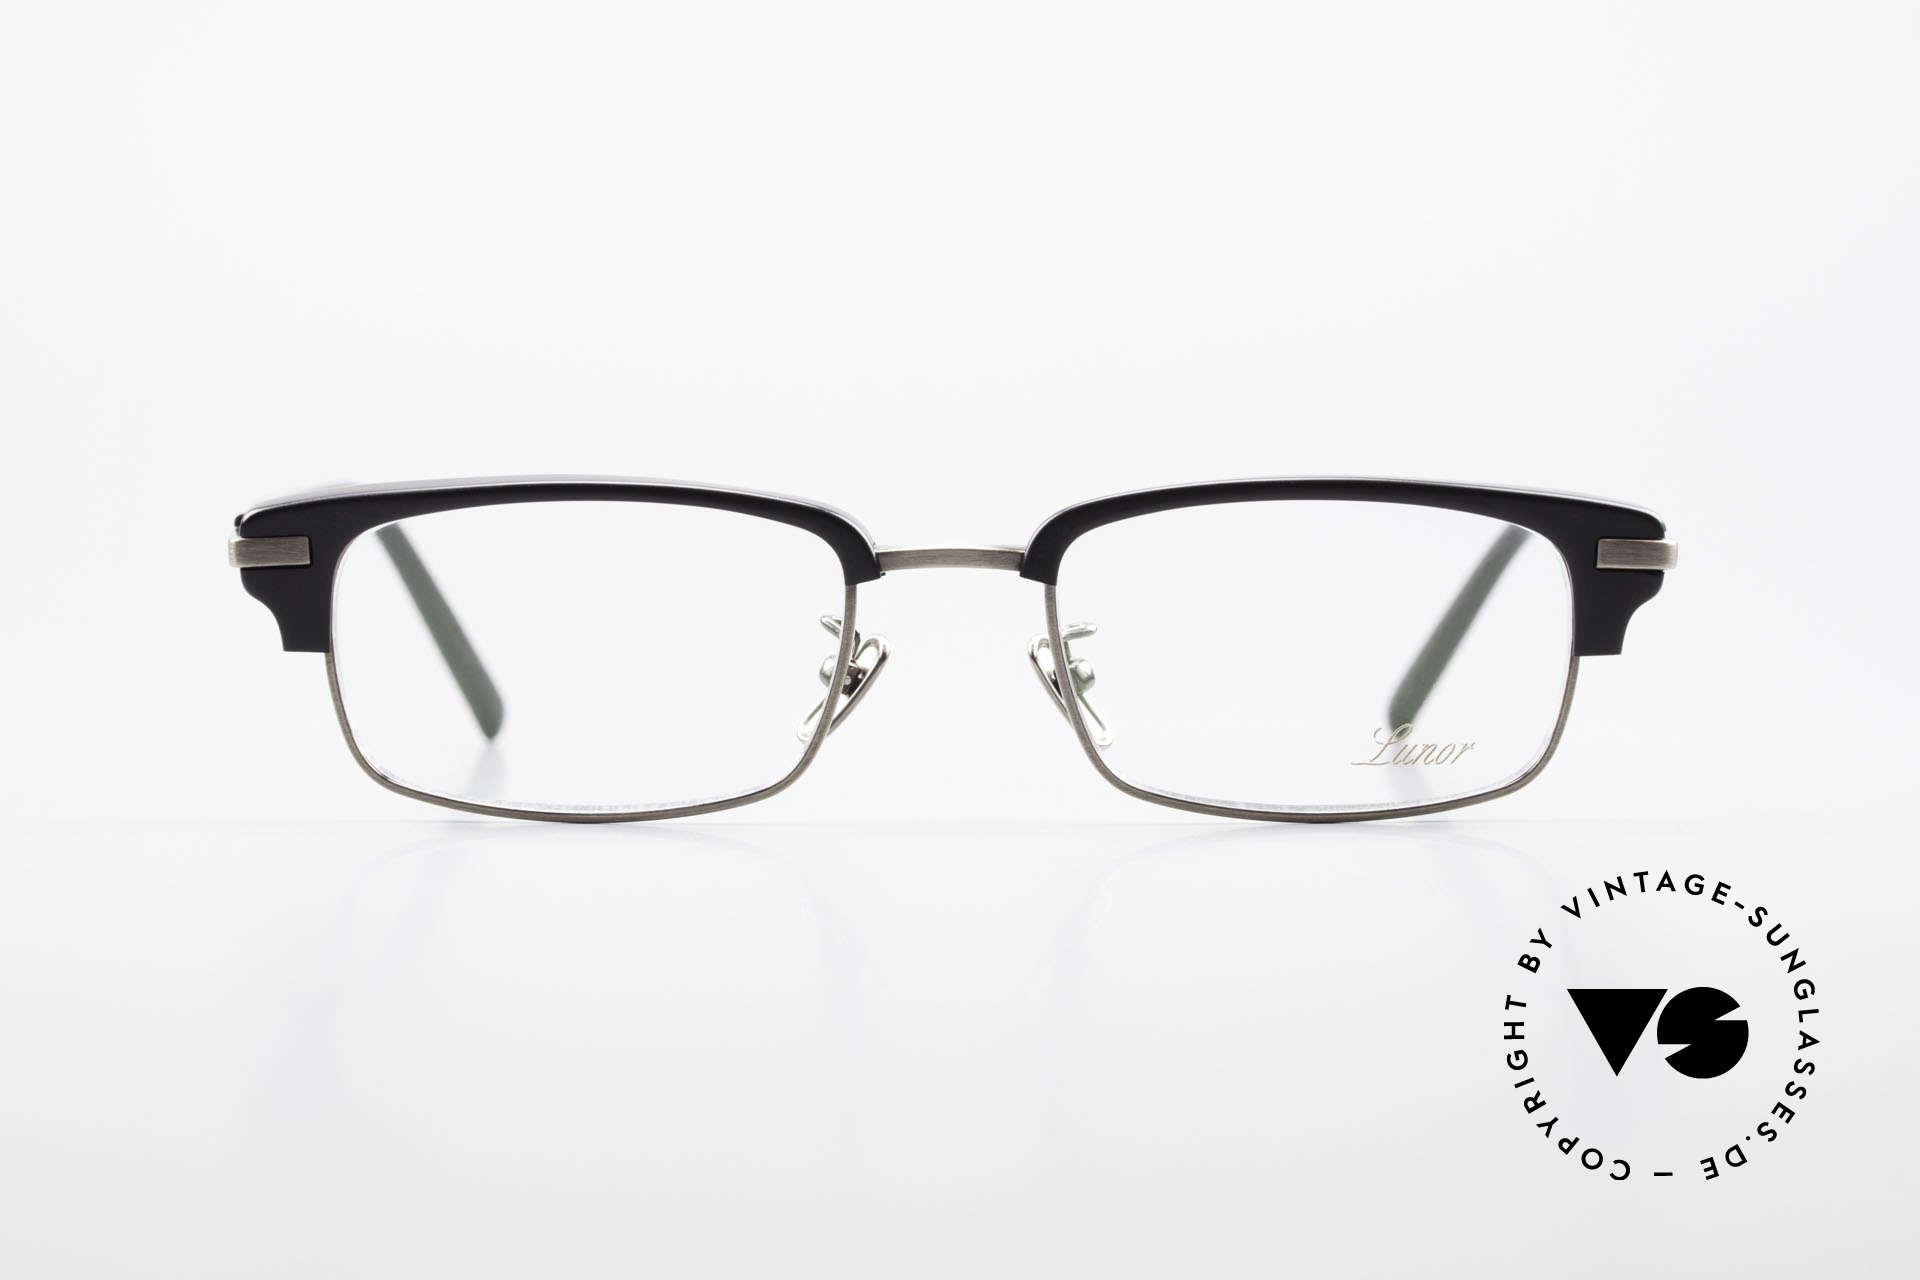 Lunor Combi II Mod 80 Combi Titanium Eyeglasses, black acetate front and all metal parts = 100% Titanium, Made for Men and Women